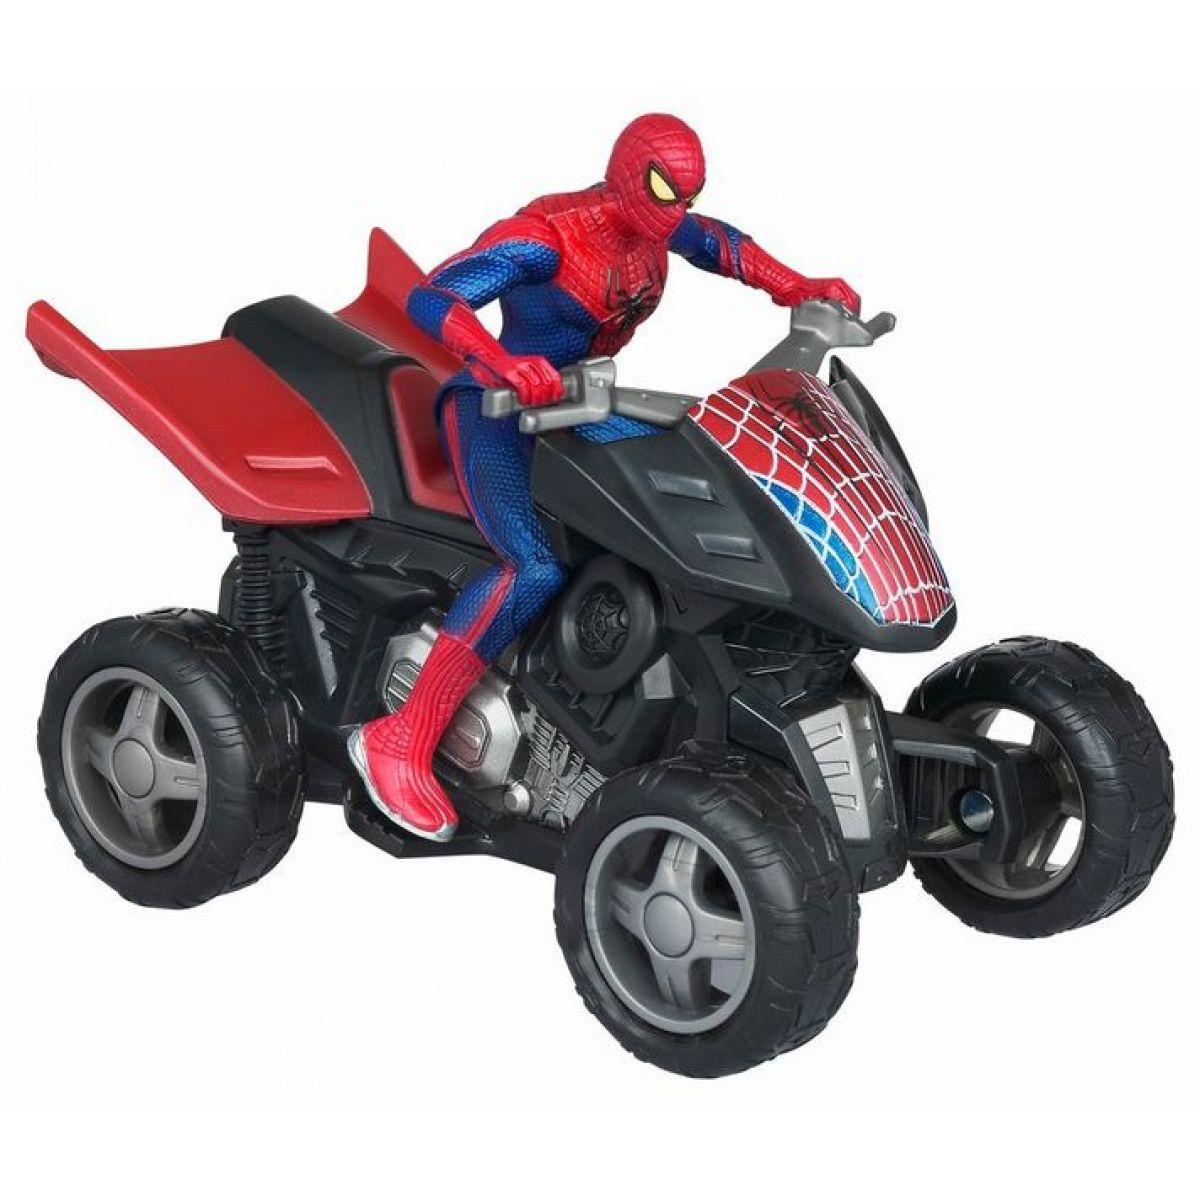 Spiderman vozidla na setrvačník Hasbro 39607 - Čtyřkolka